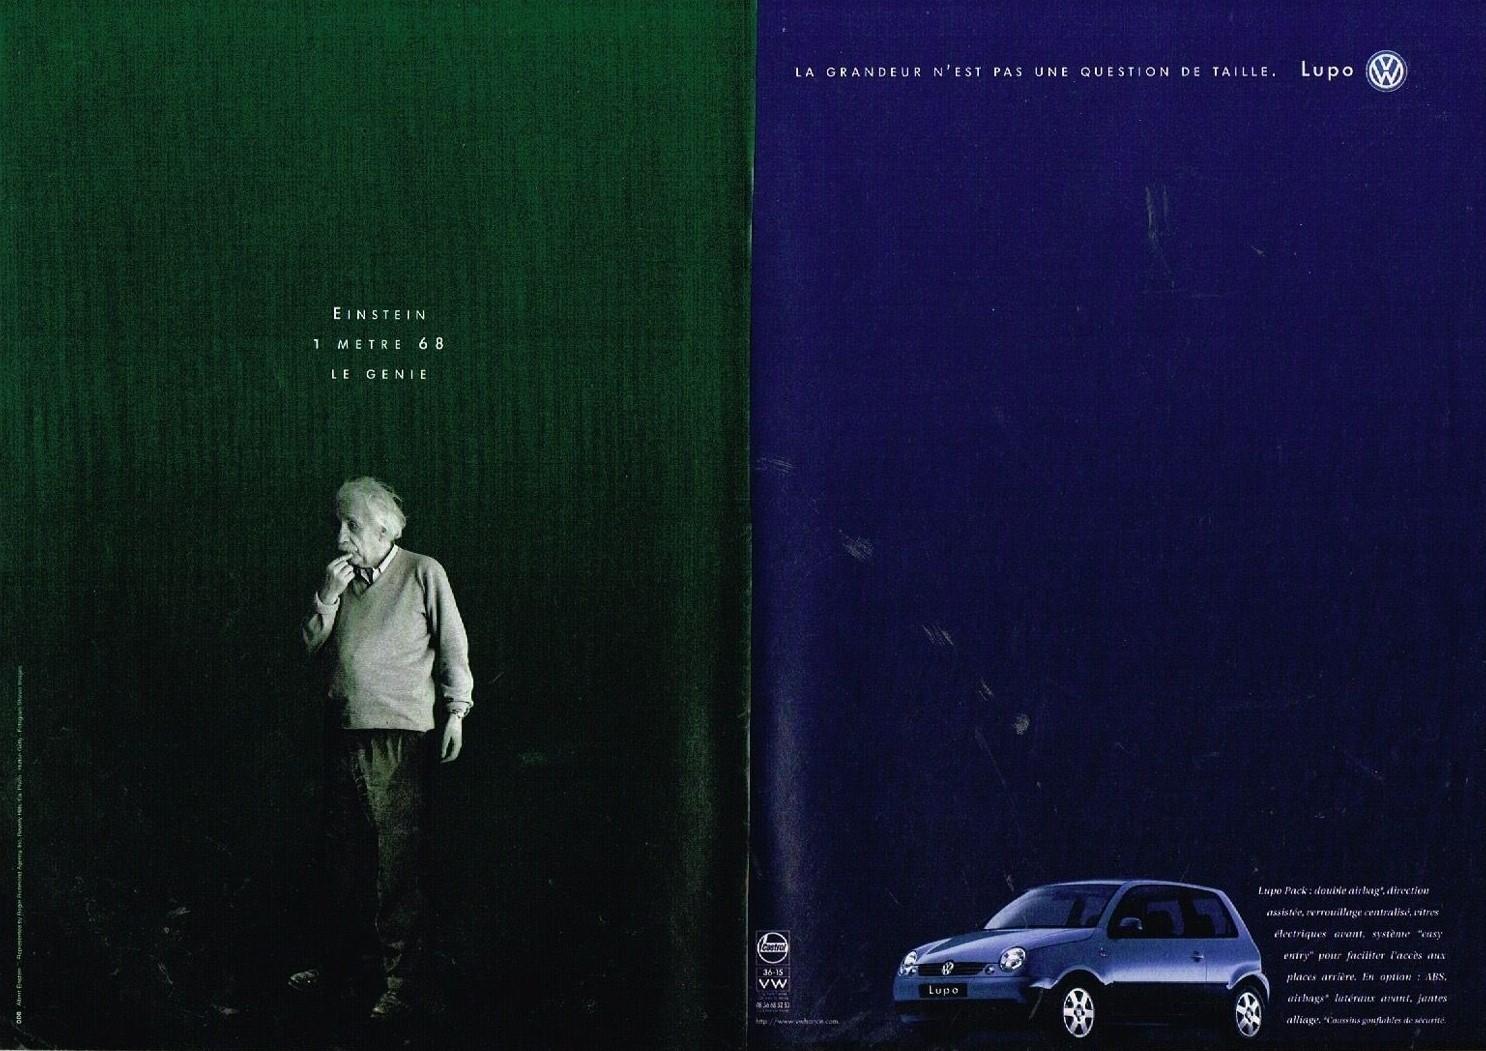 1998 VW Volkswagen Lupo avec Einstein